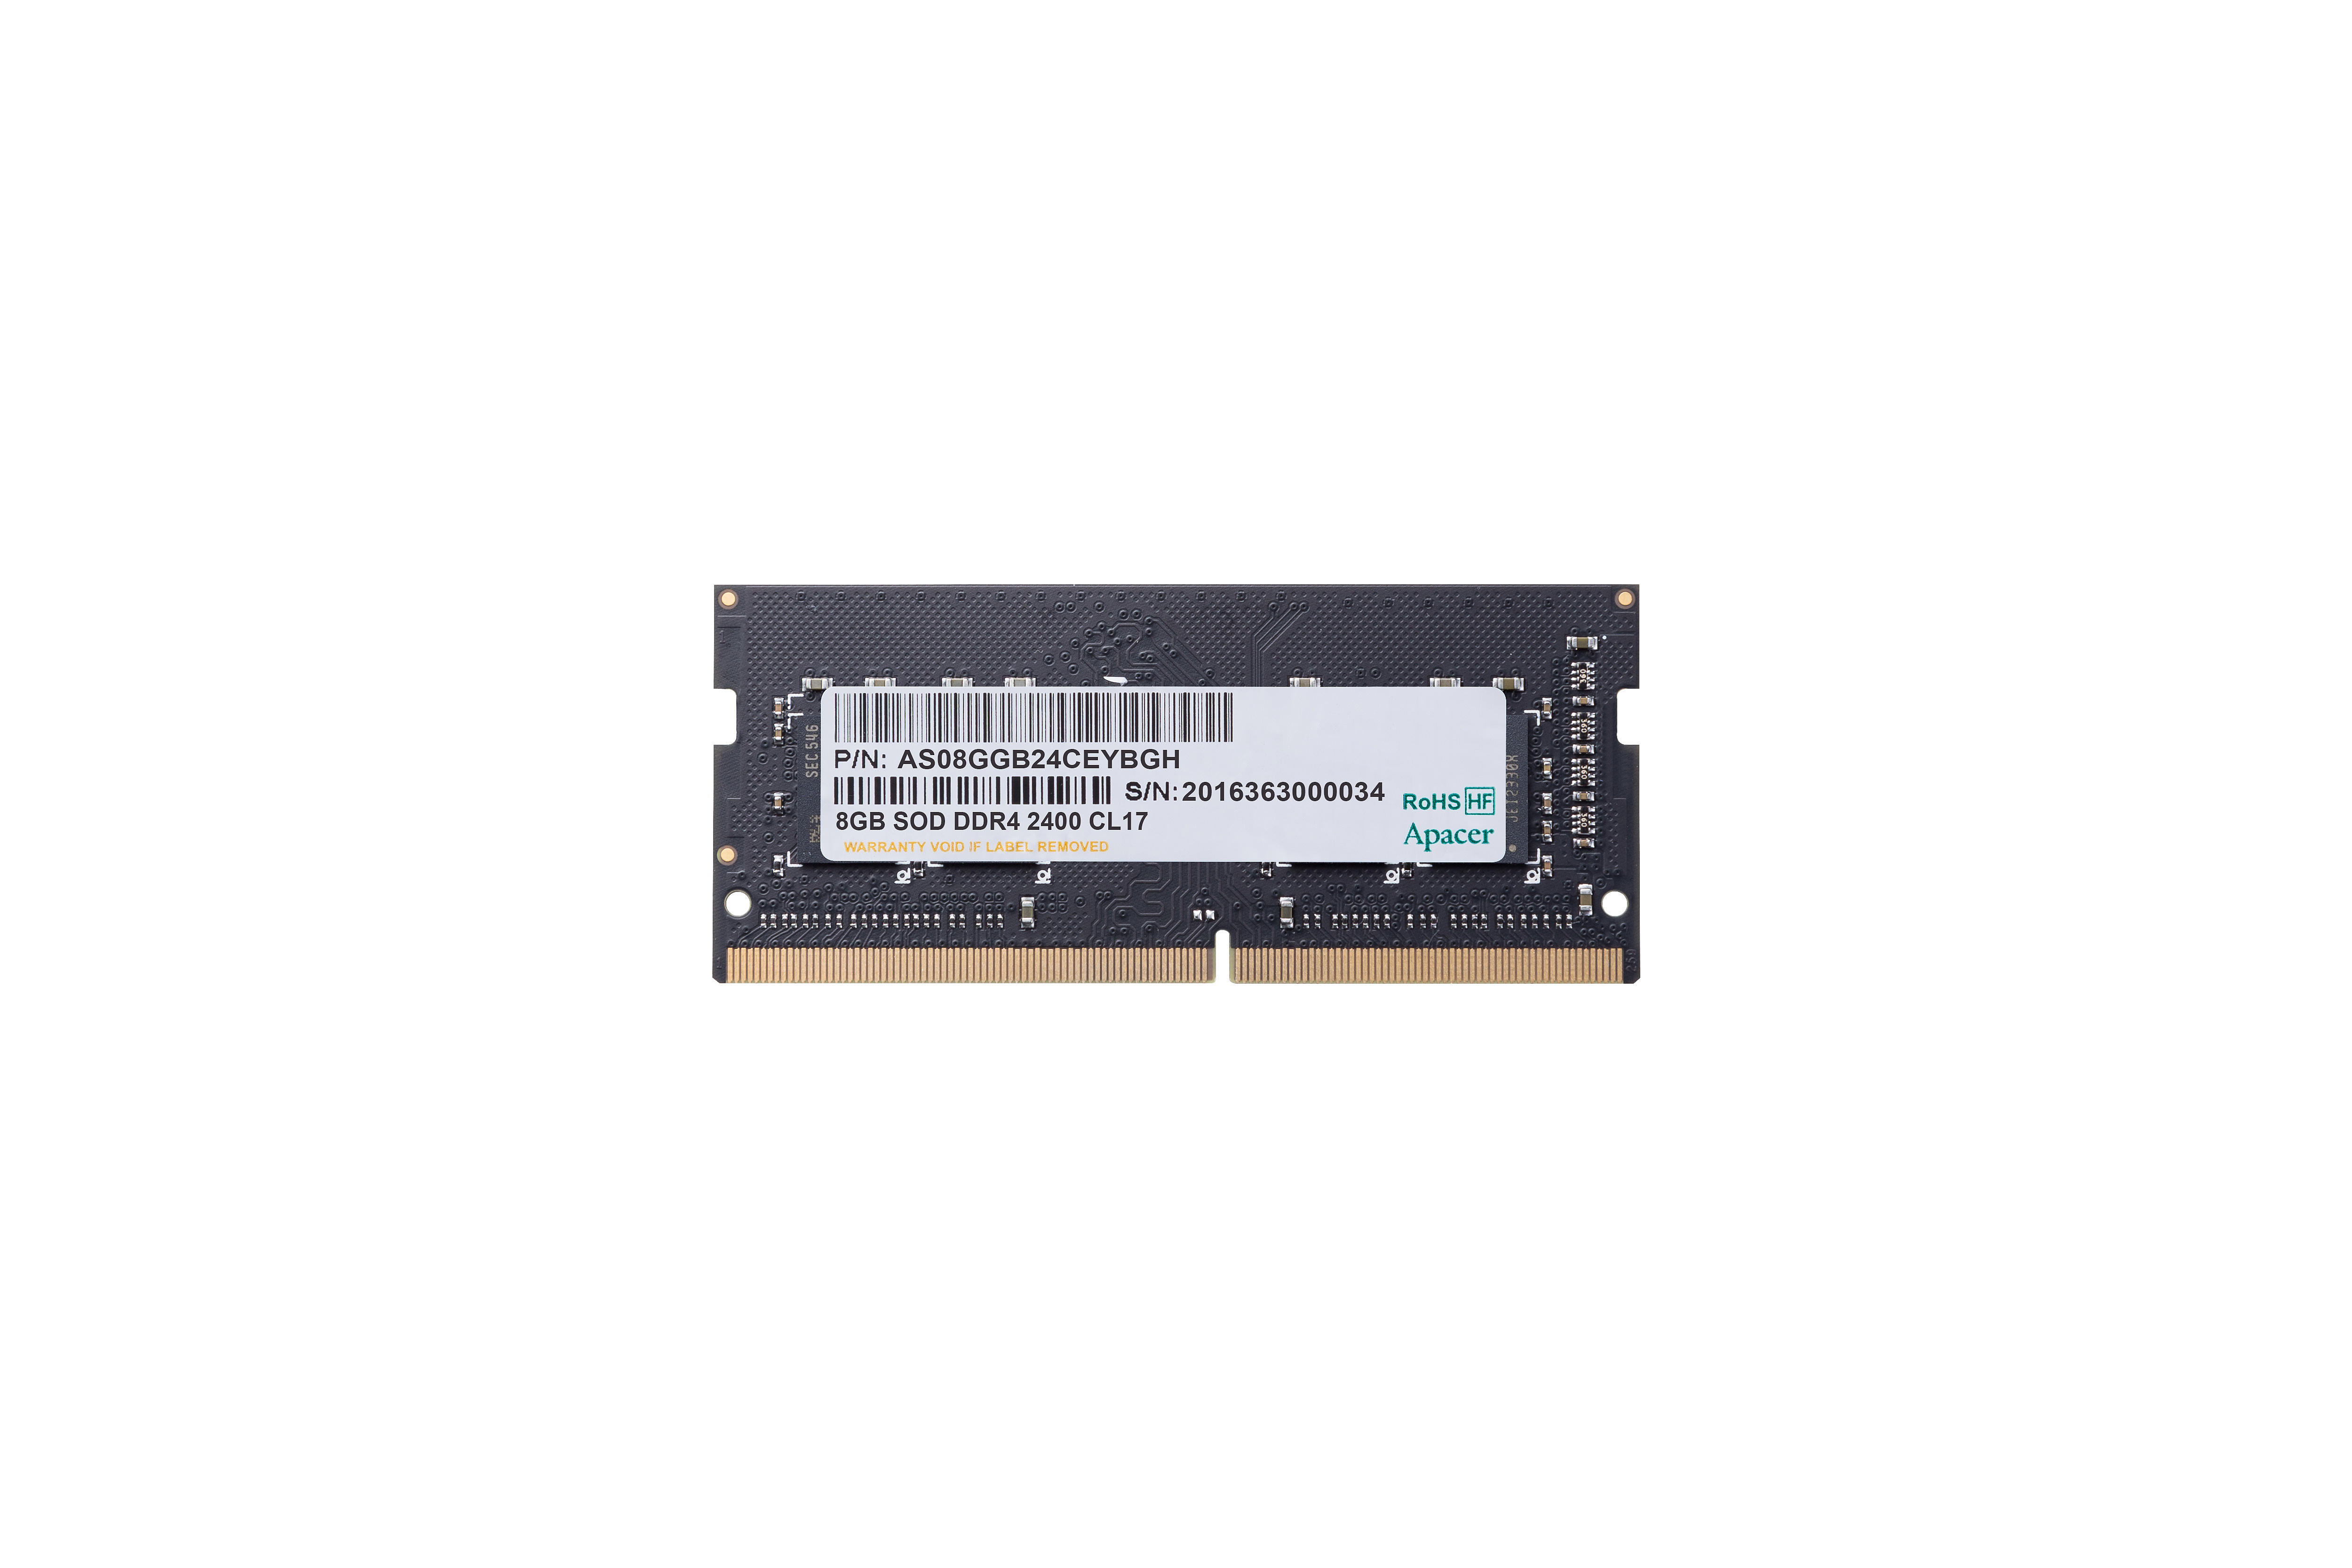 Memorie Apacer 8GB DDR4 2400MHz 1.2V CL17 0